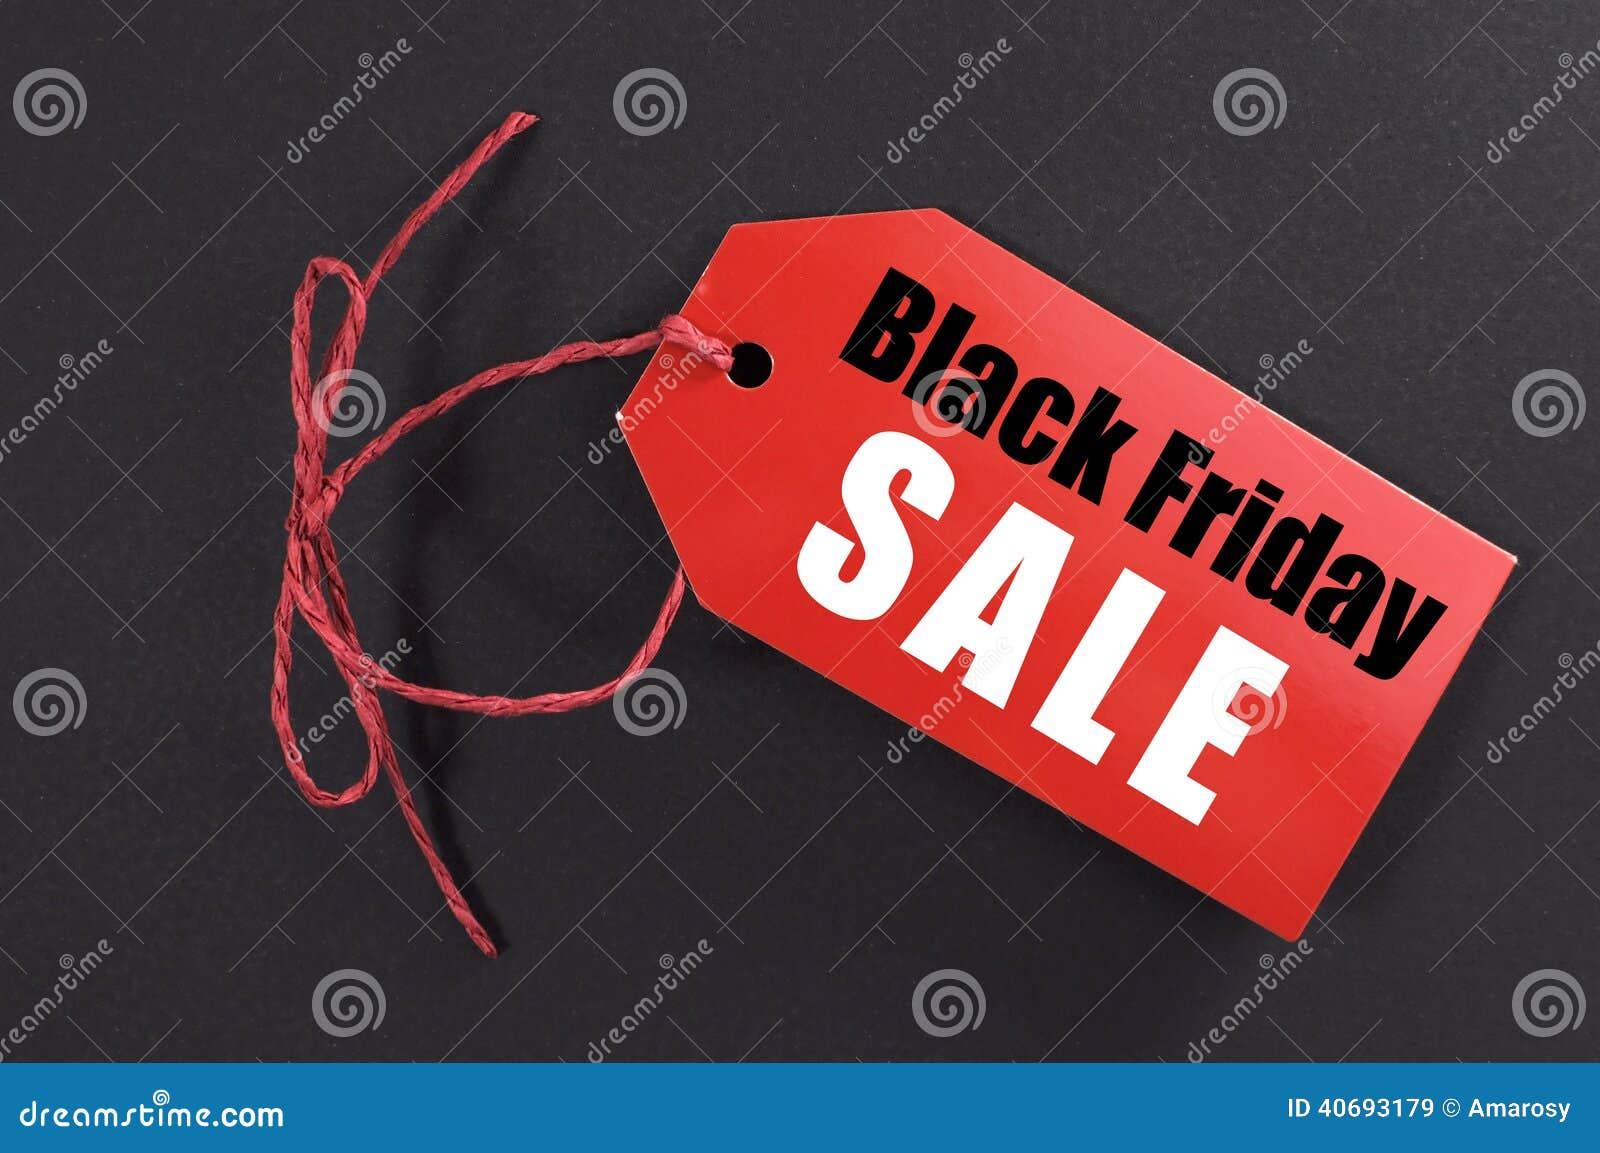 Black Friday-het winkelen verkoopconcept met de rode markering van de kaartjesverkoop